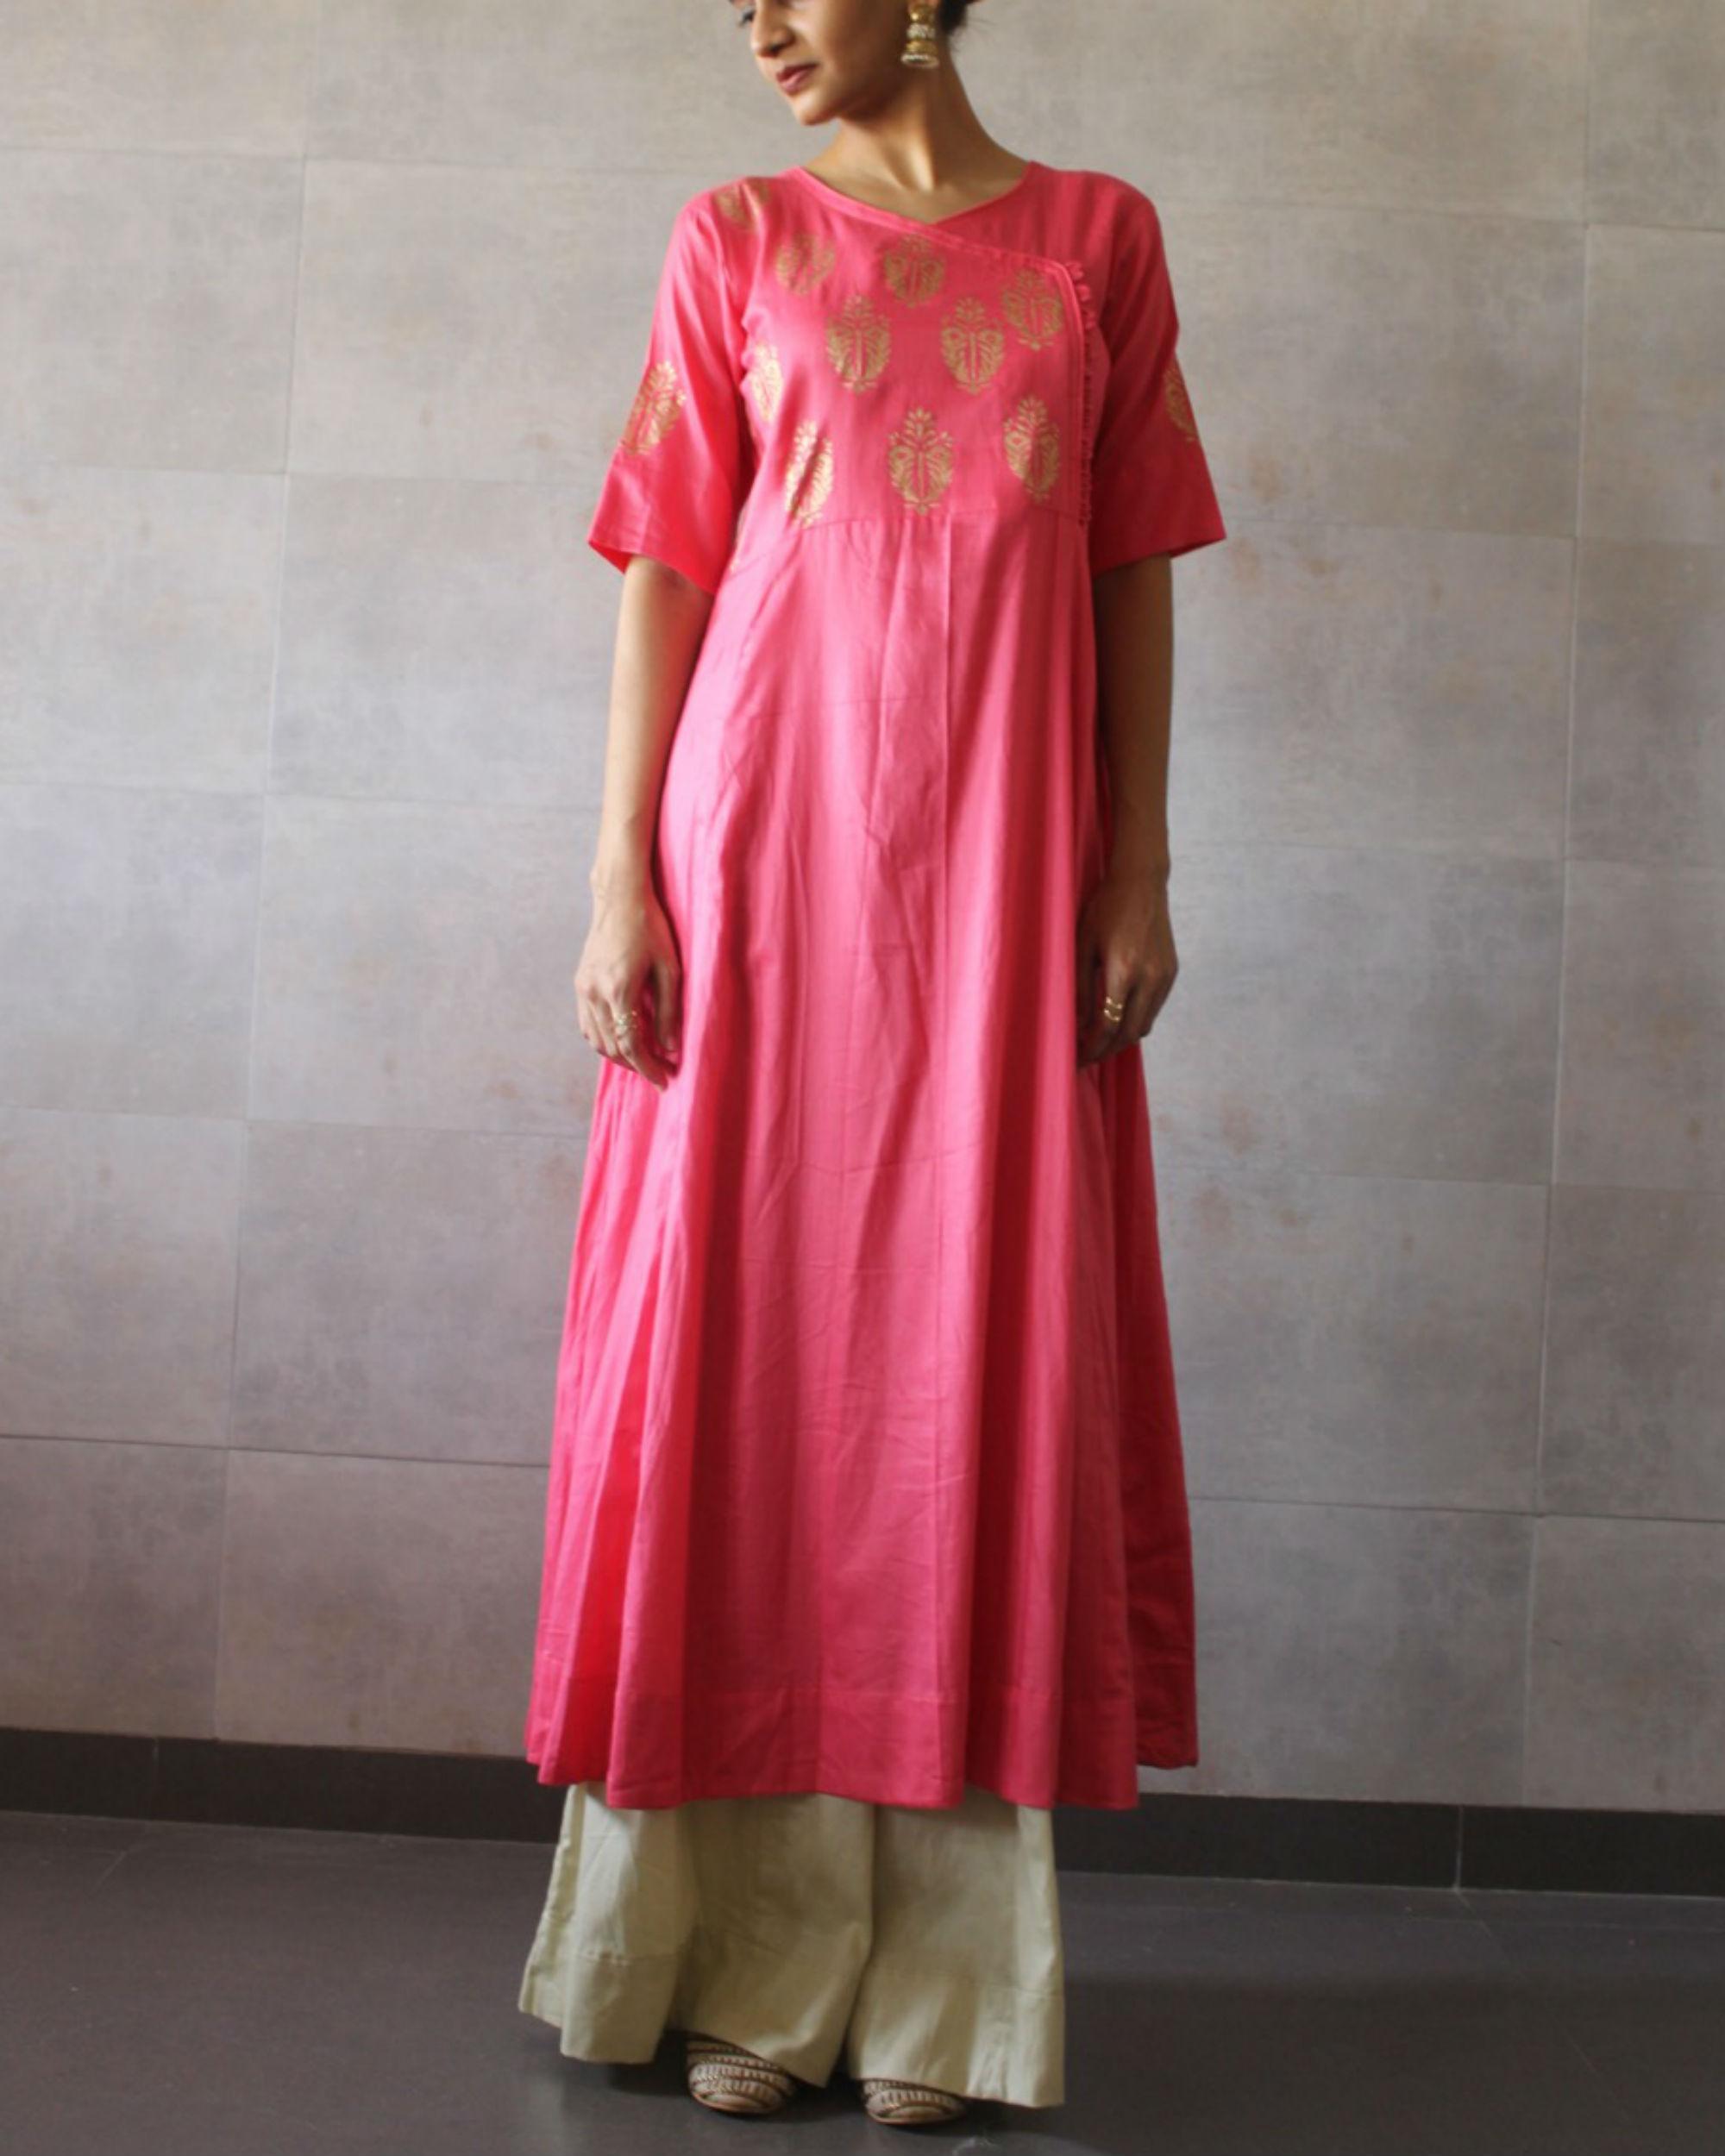 Pink kediya style kurta